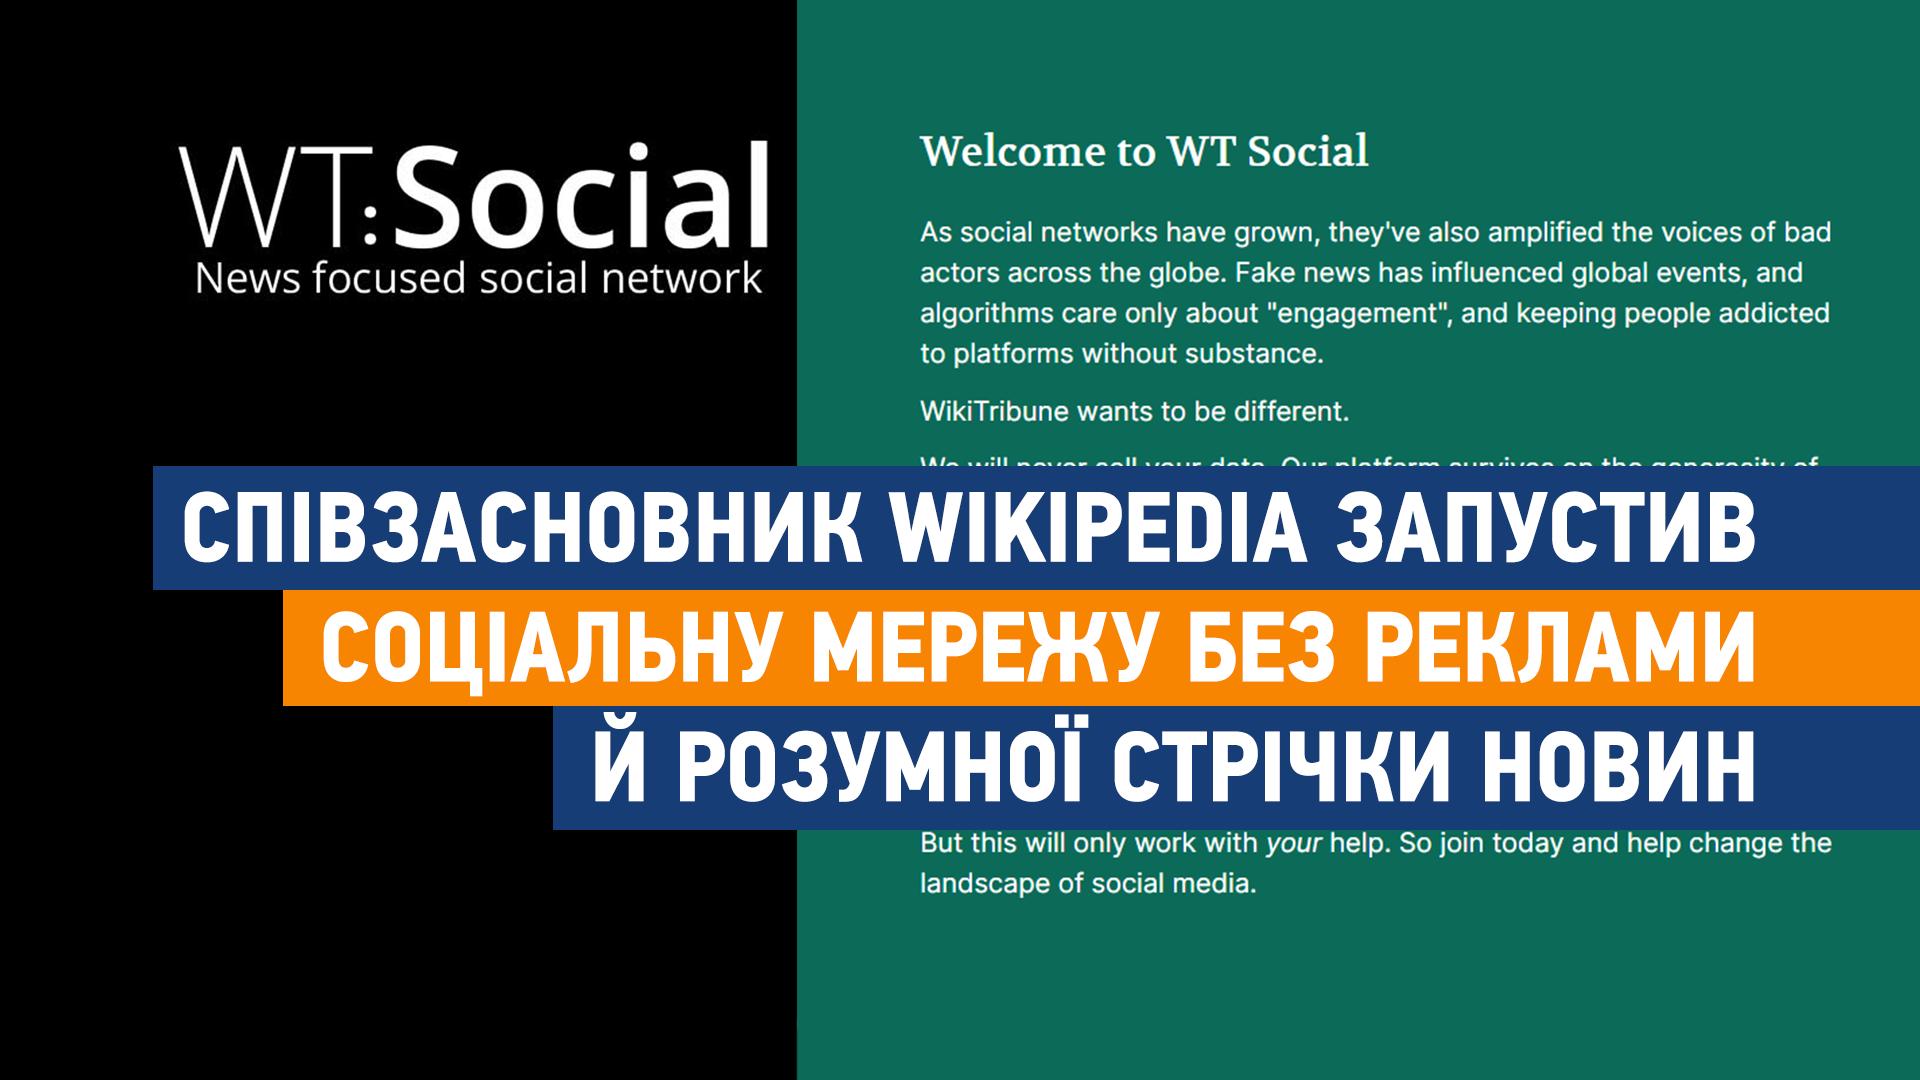 Співзасновник Wikipedia запустив соціальну мережу без реклами й розумної стрічки новин